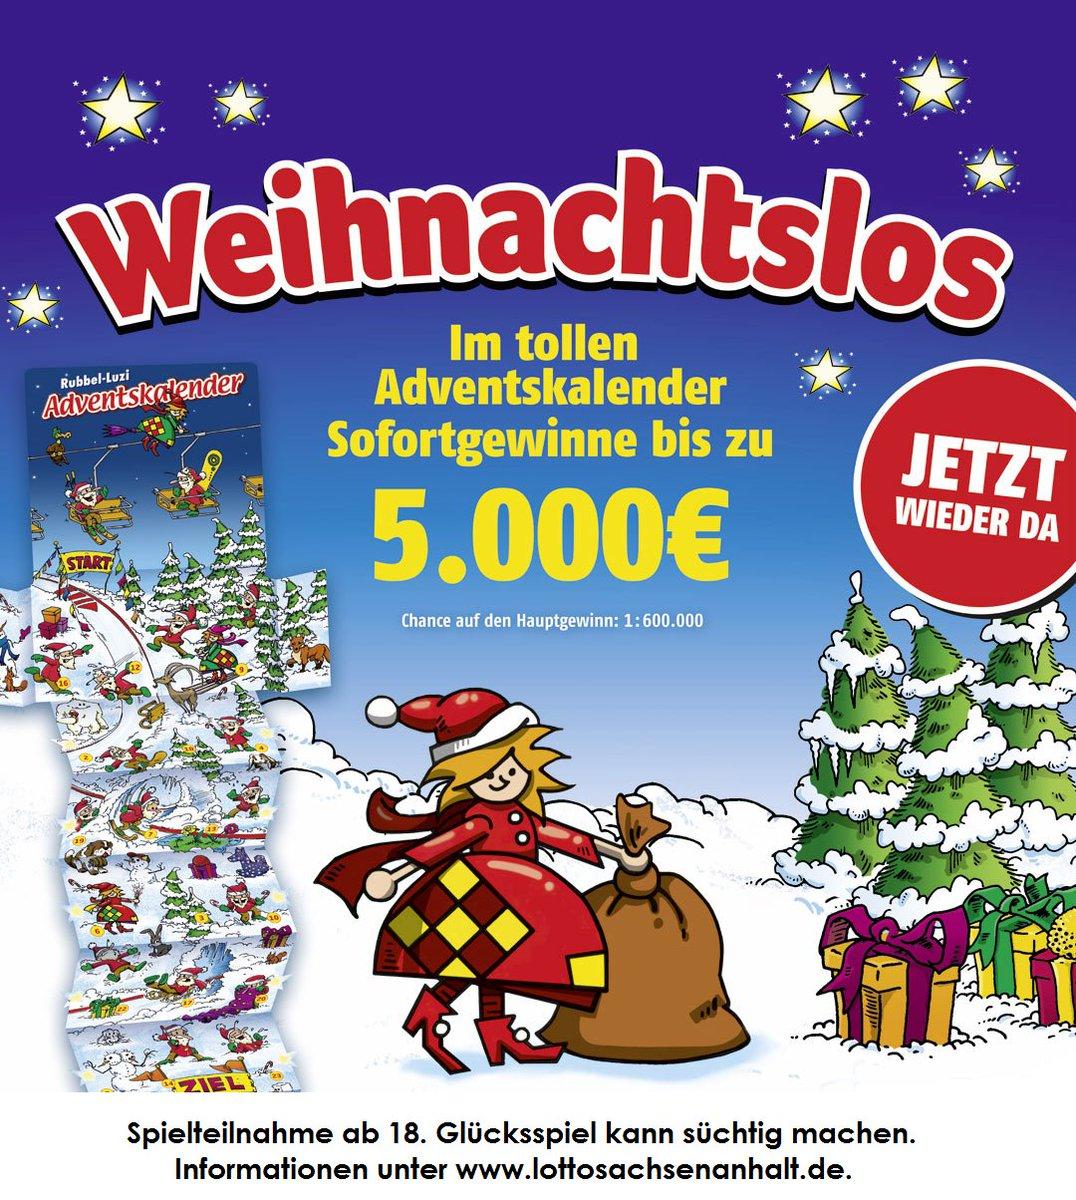 Lotto Weihnachten.Lotto Sachsen Anhalt On Twitter Weihnachten Kann Kommen